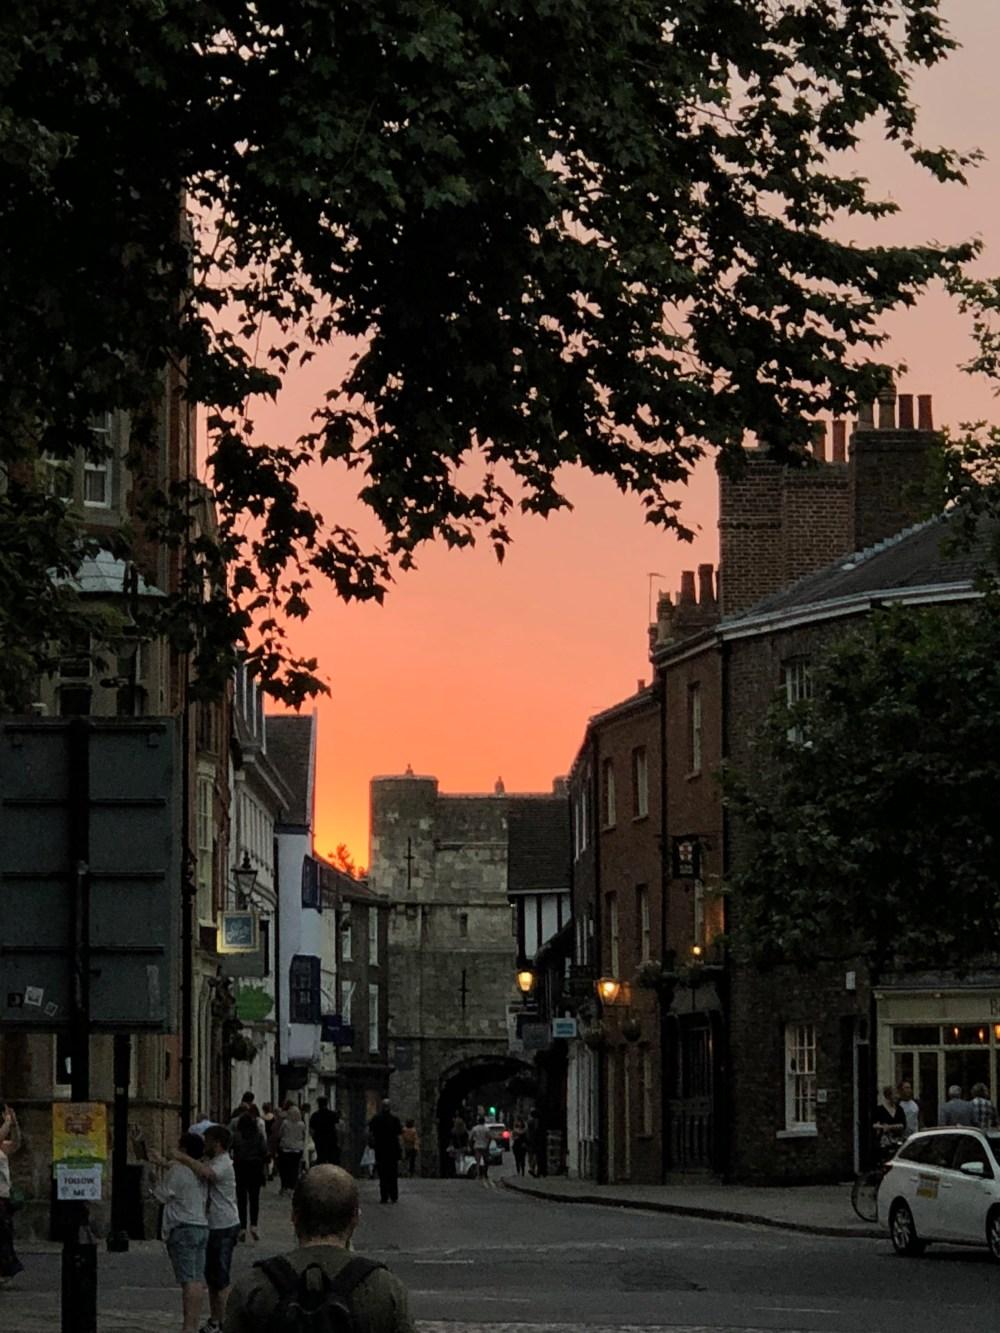 Sunset in York